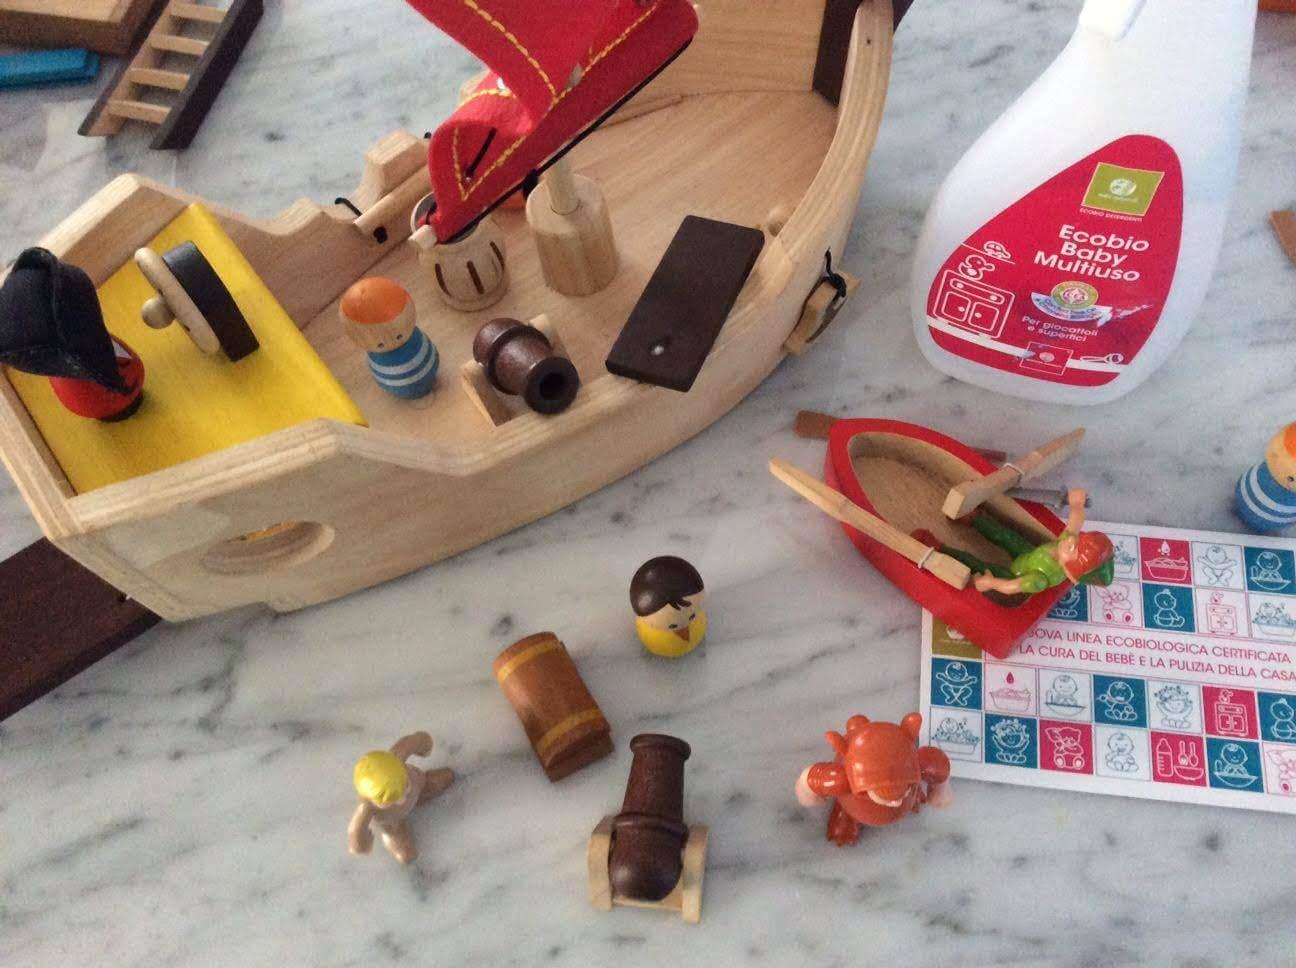 Come Pulire Il Legno Vecchio come pulire giocattoli di plastica, di legno o peluche